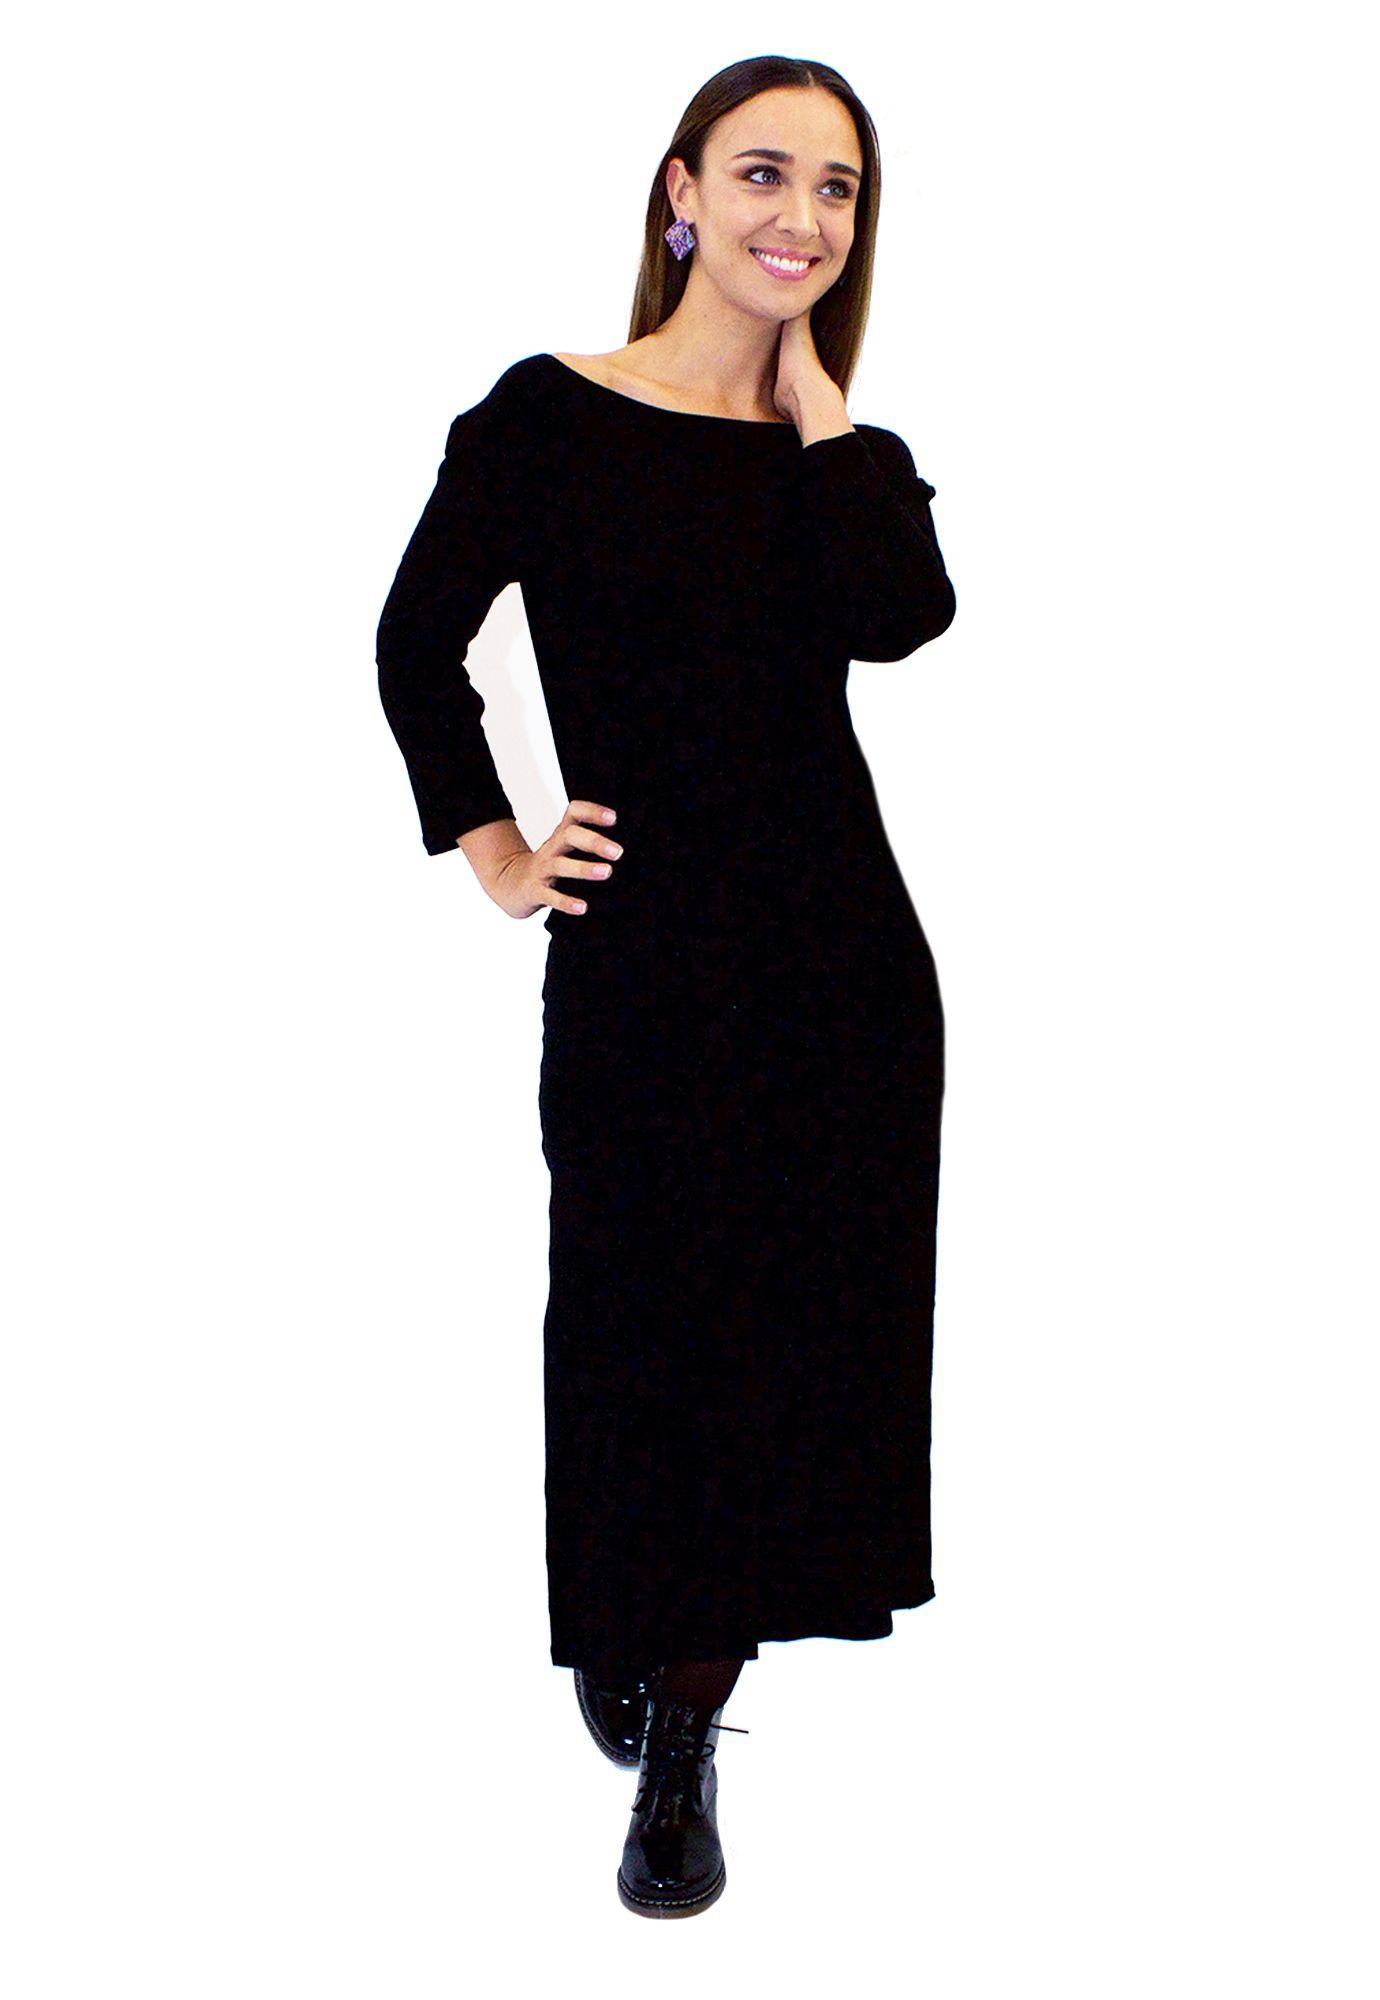 Vestido Basico Negro - Loreto Correa - Agrupa